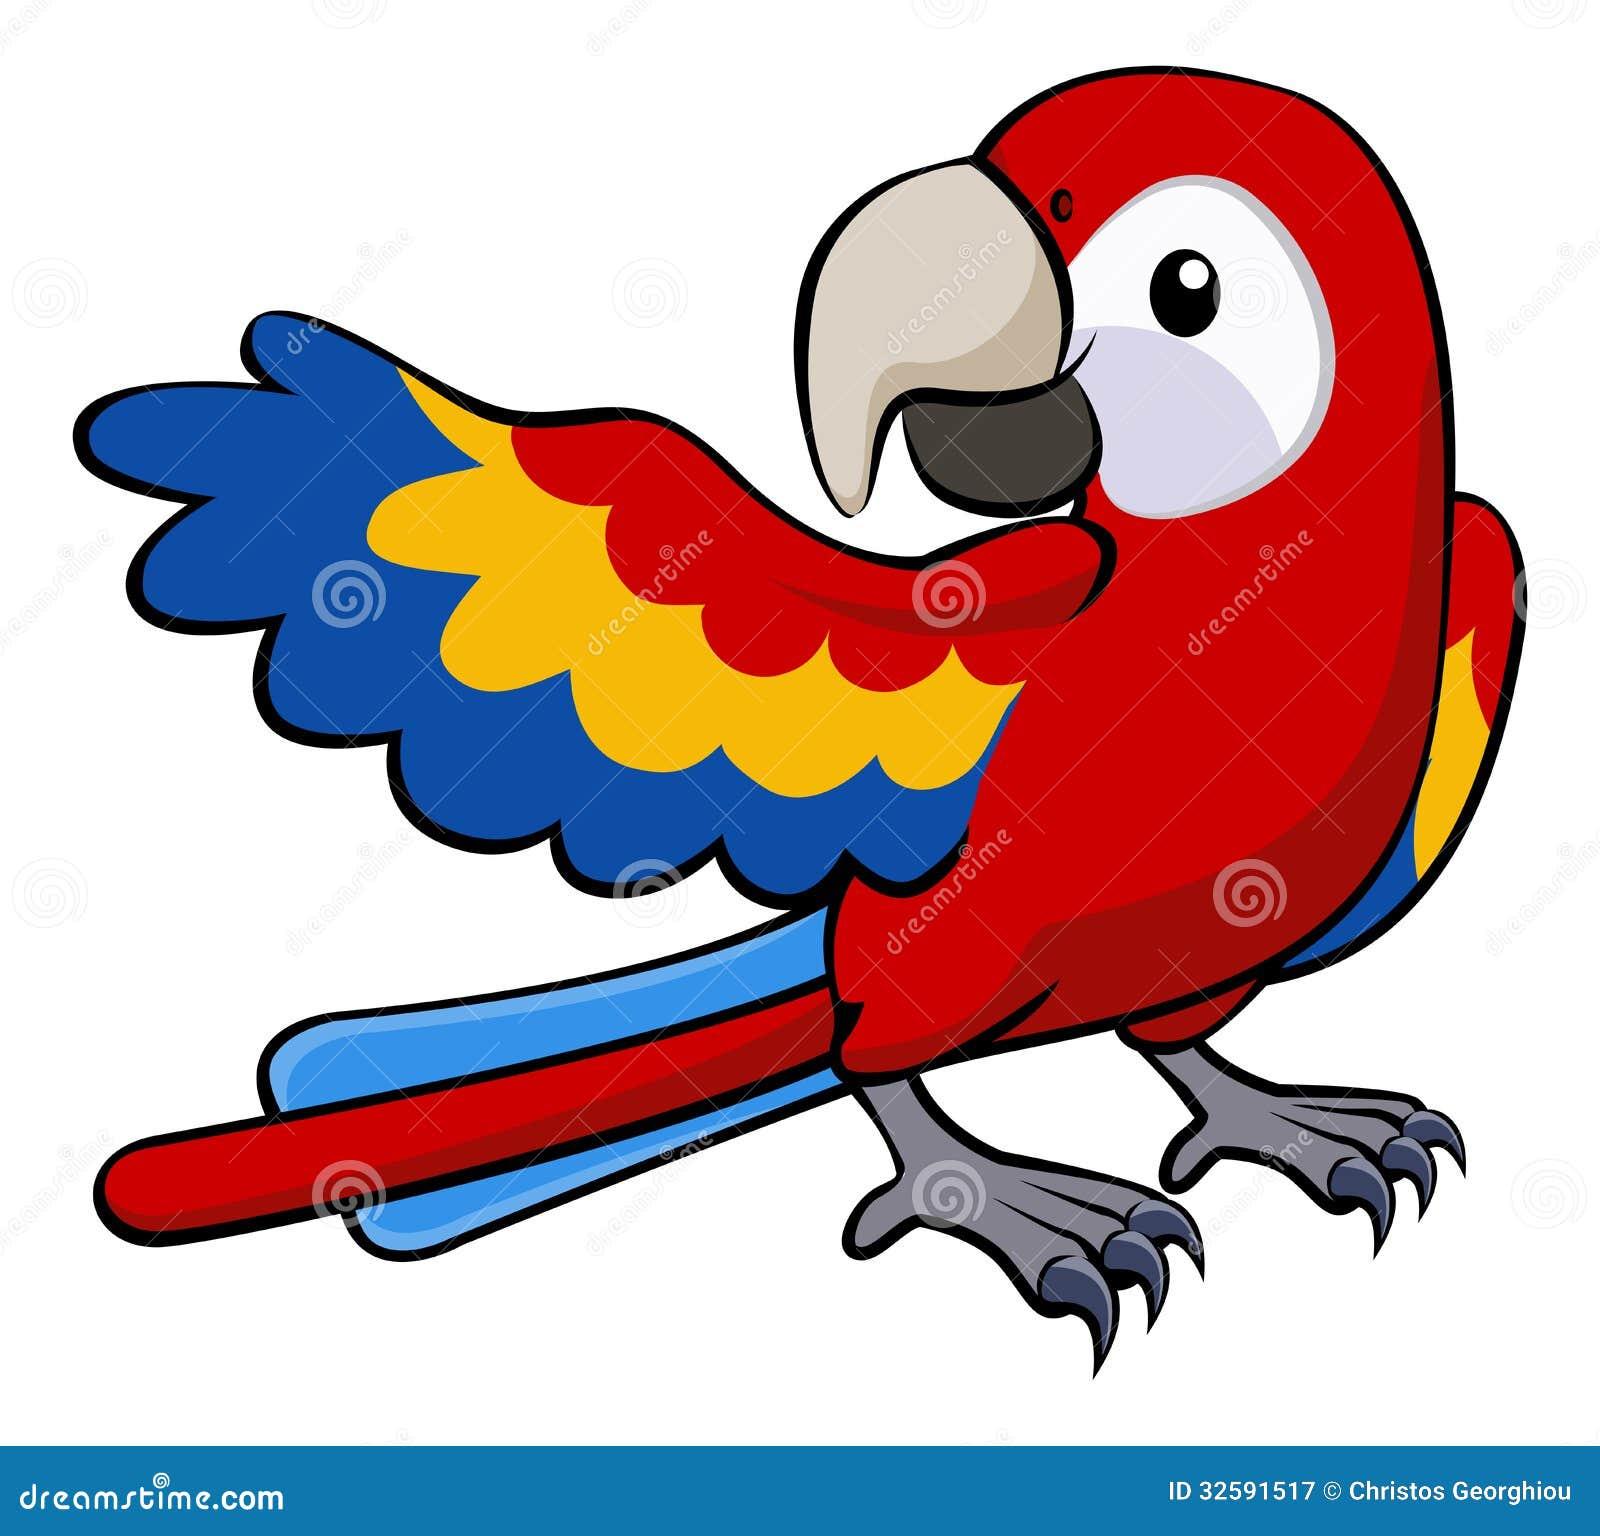 Rainforest Birds Flying Red parrot illustratio...